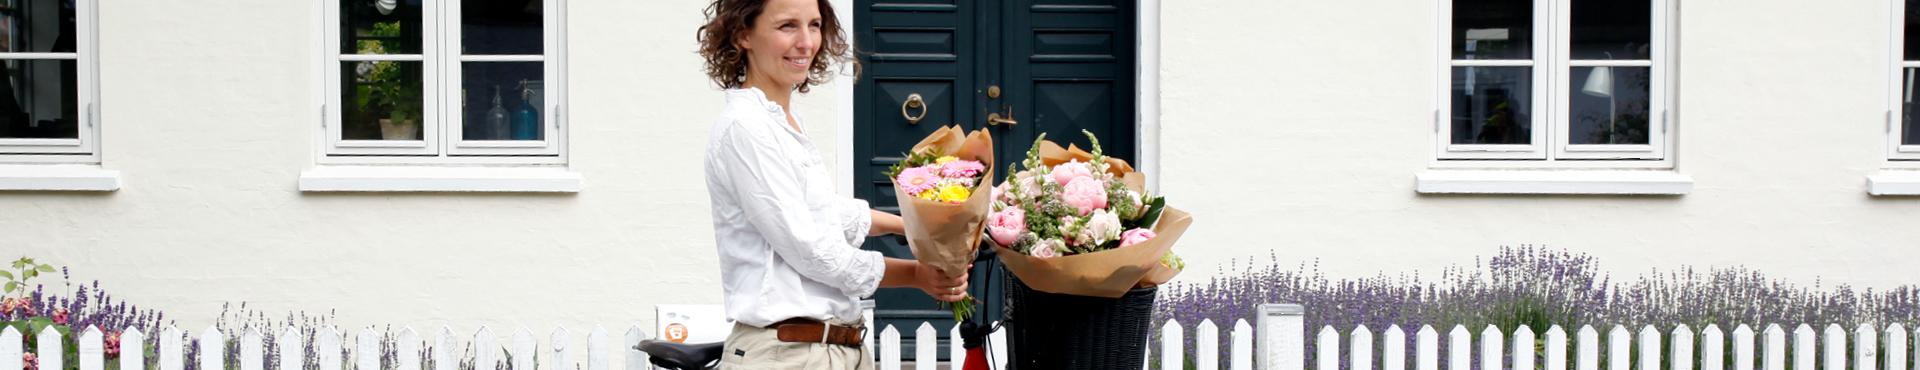 Floristensuche